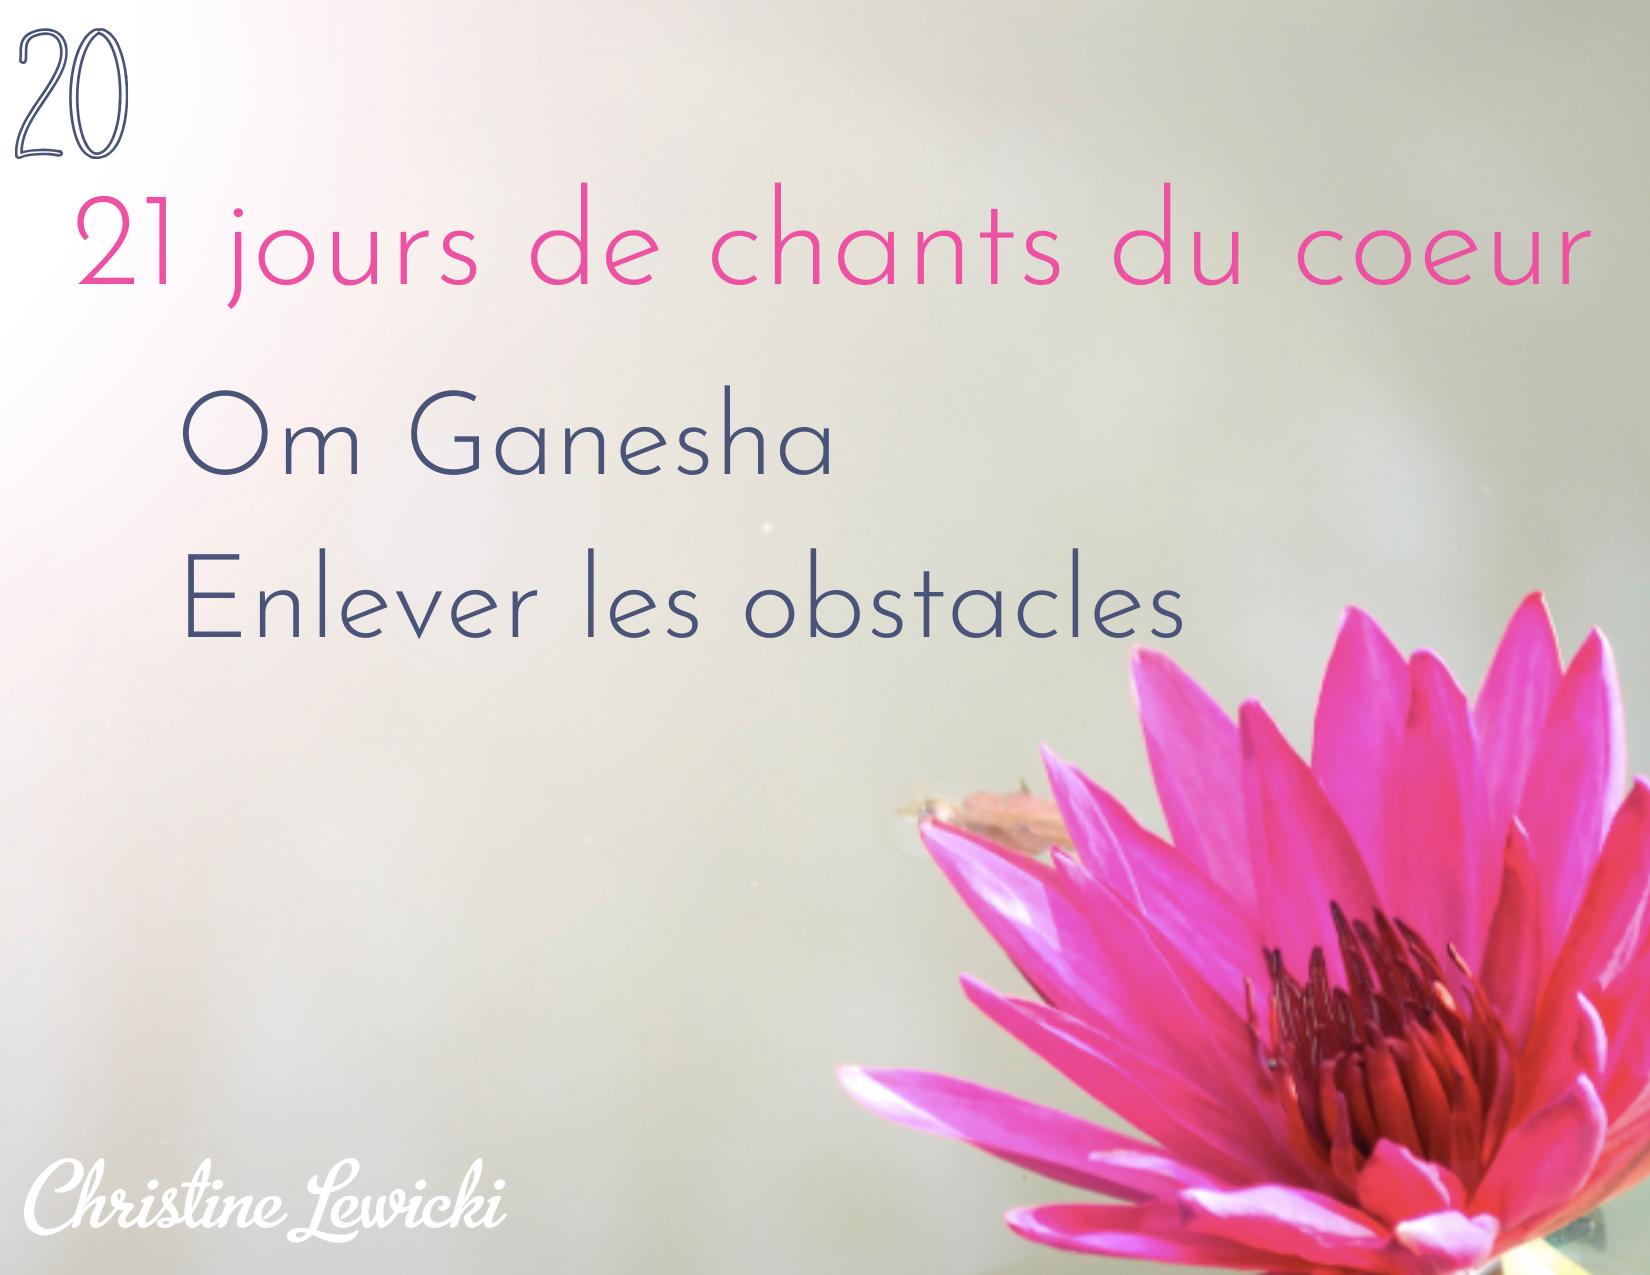 Om Ganesha - enlever les obstacles